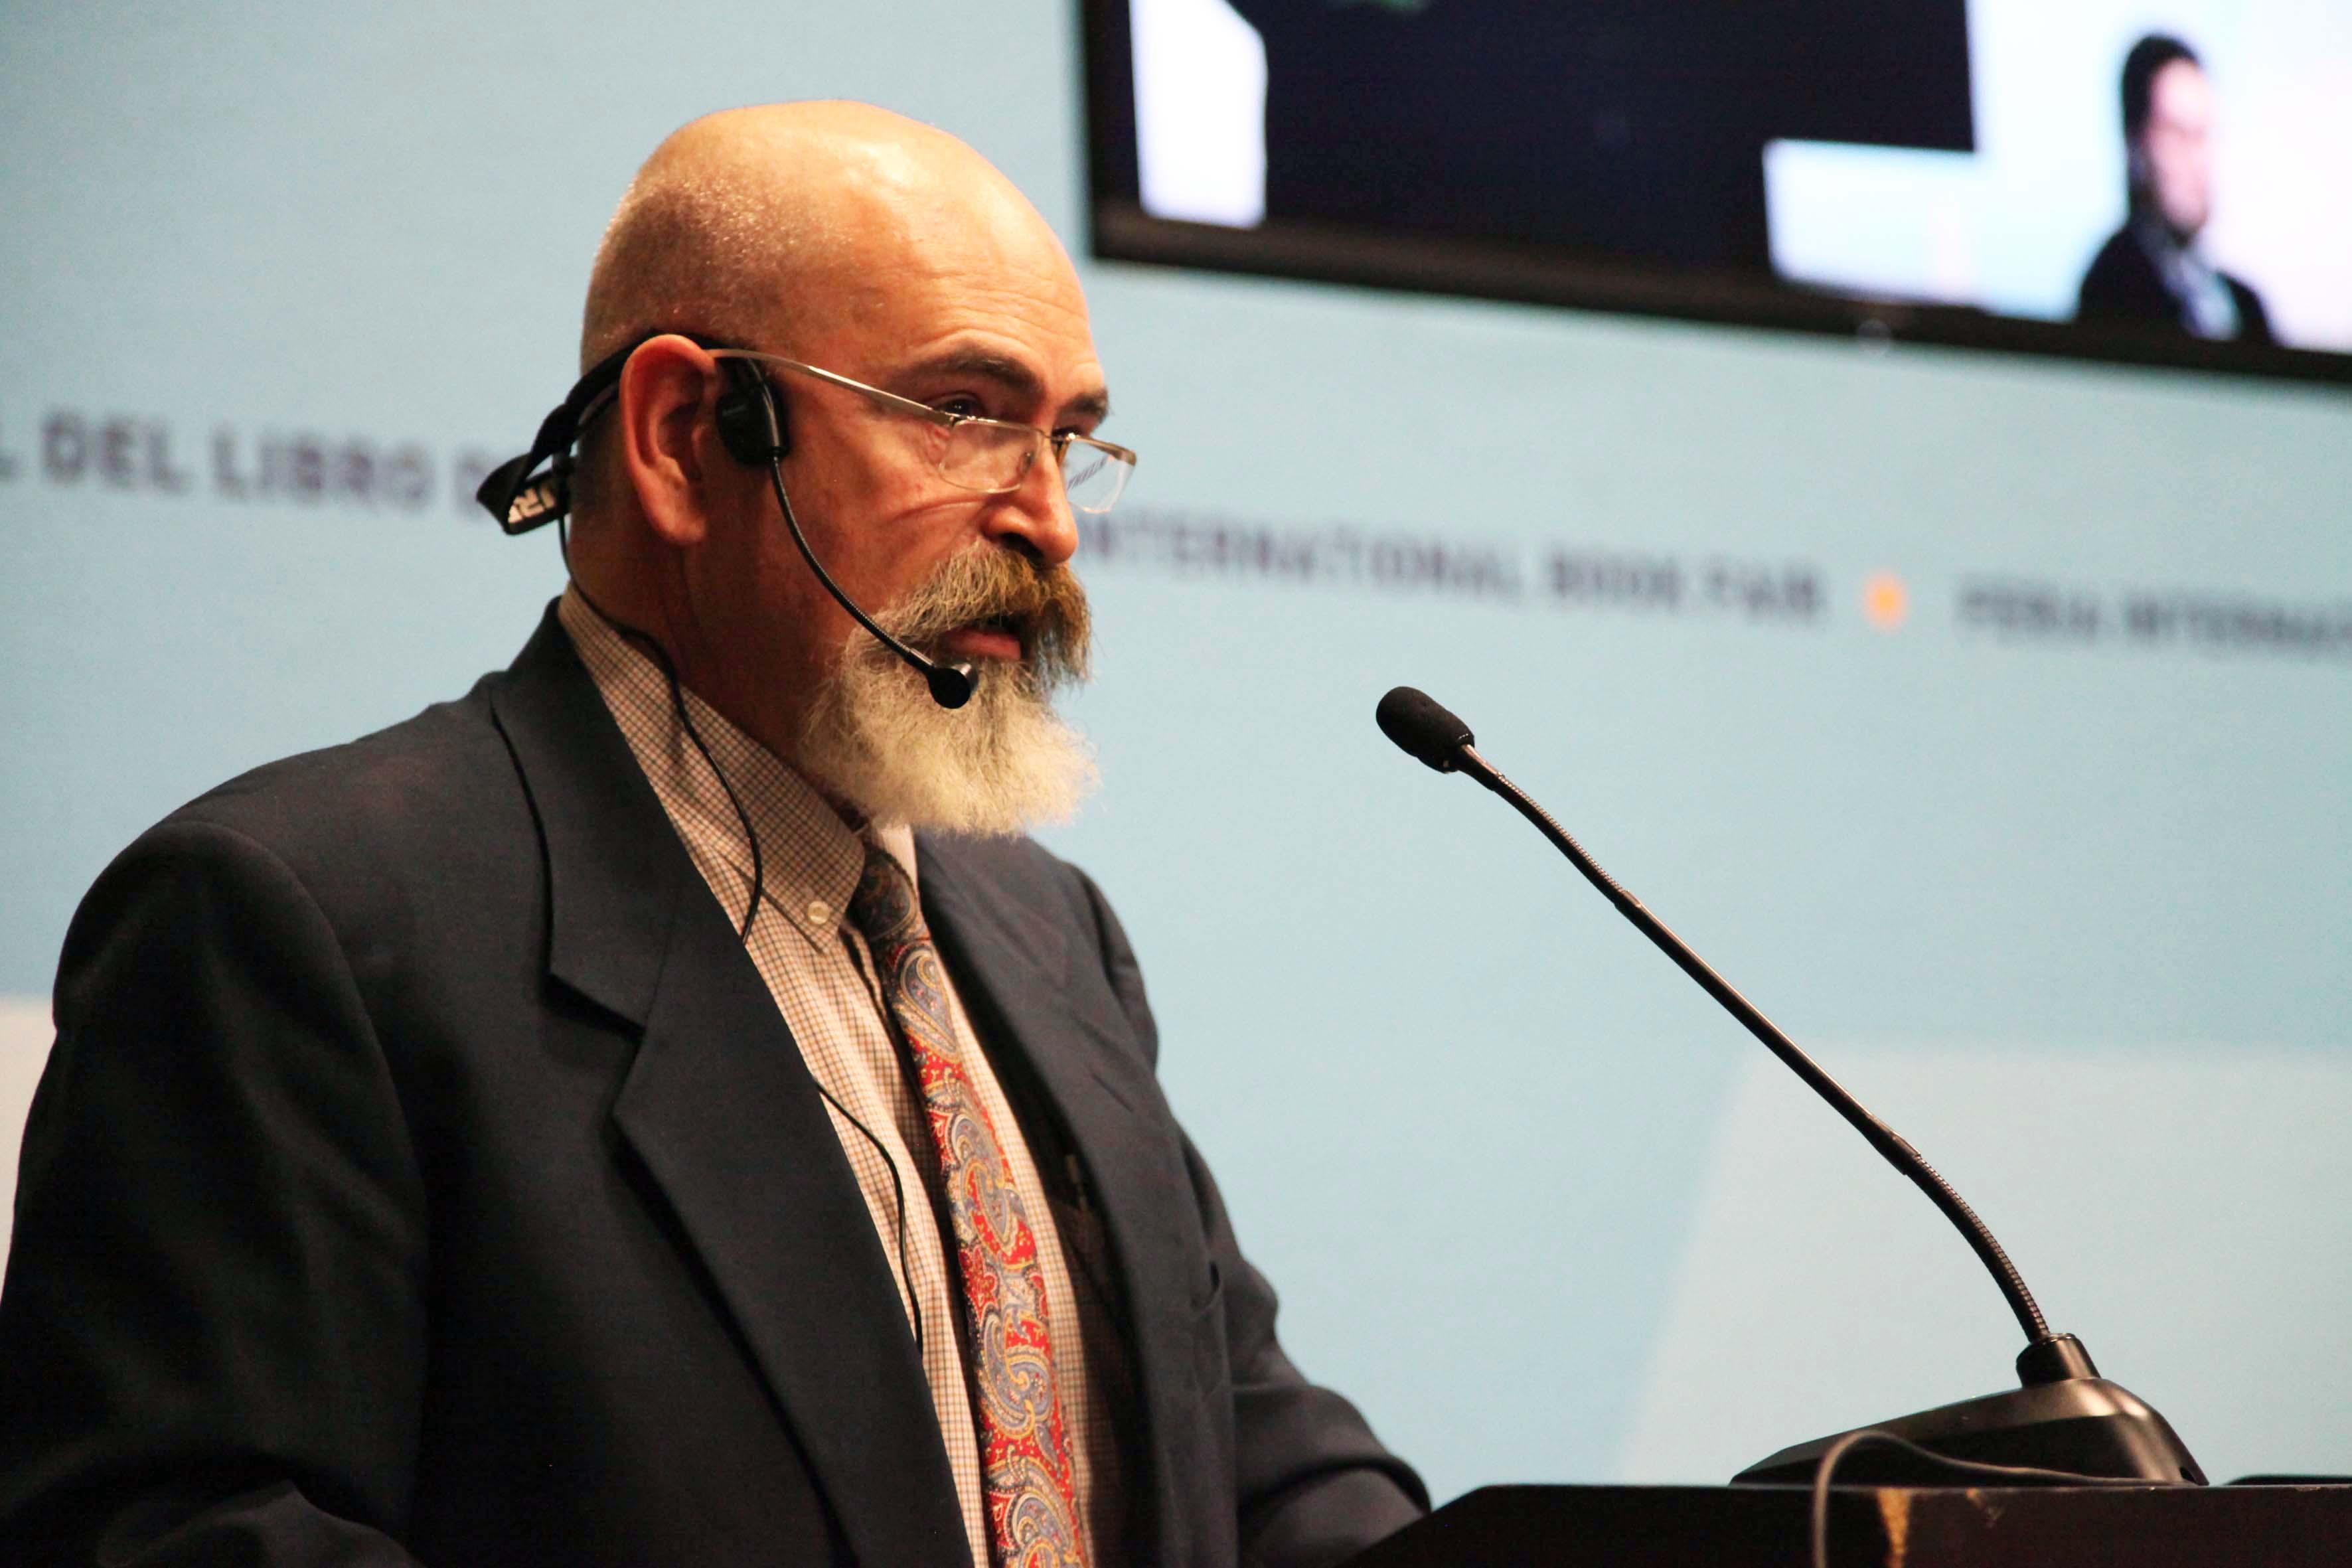 Otorga CUSur reconocimiento al doctor Eduardo Rapoport, quien ha detectado 16 mil especies de plantas comestibles